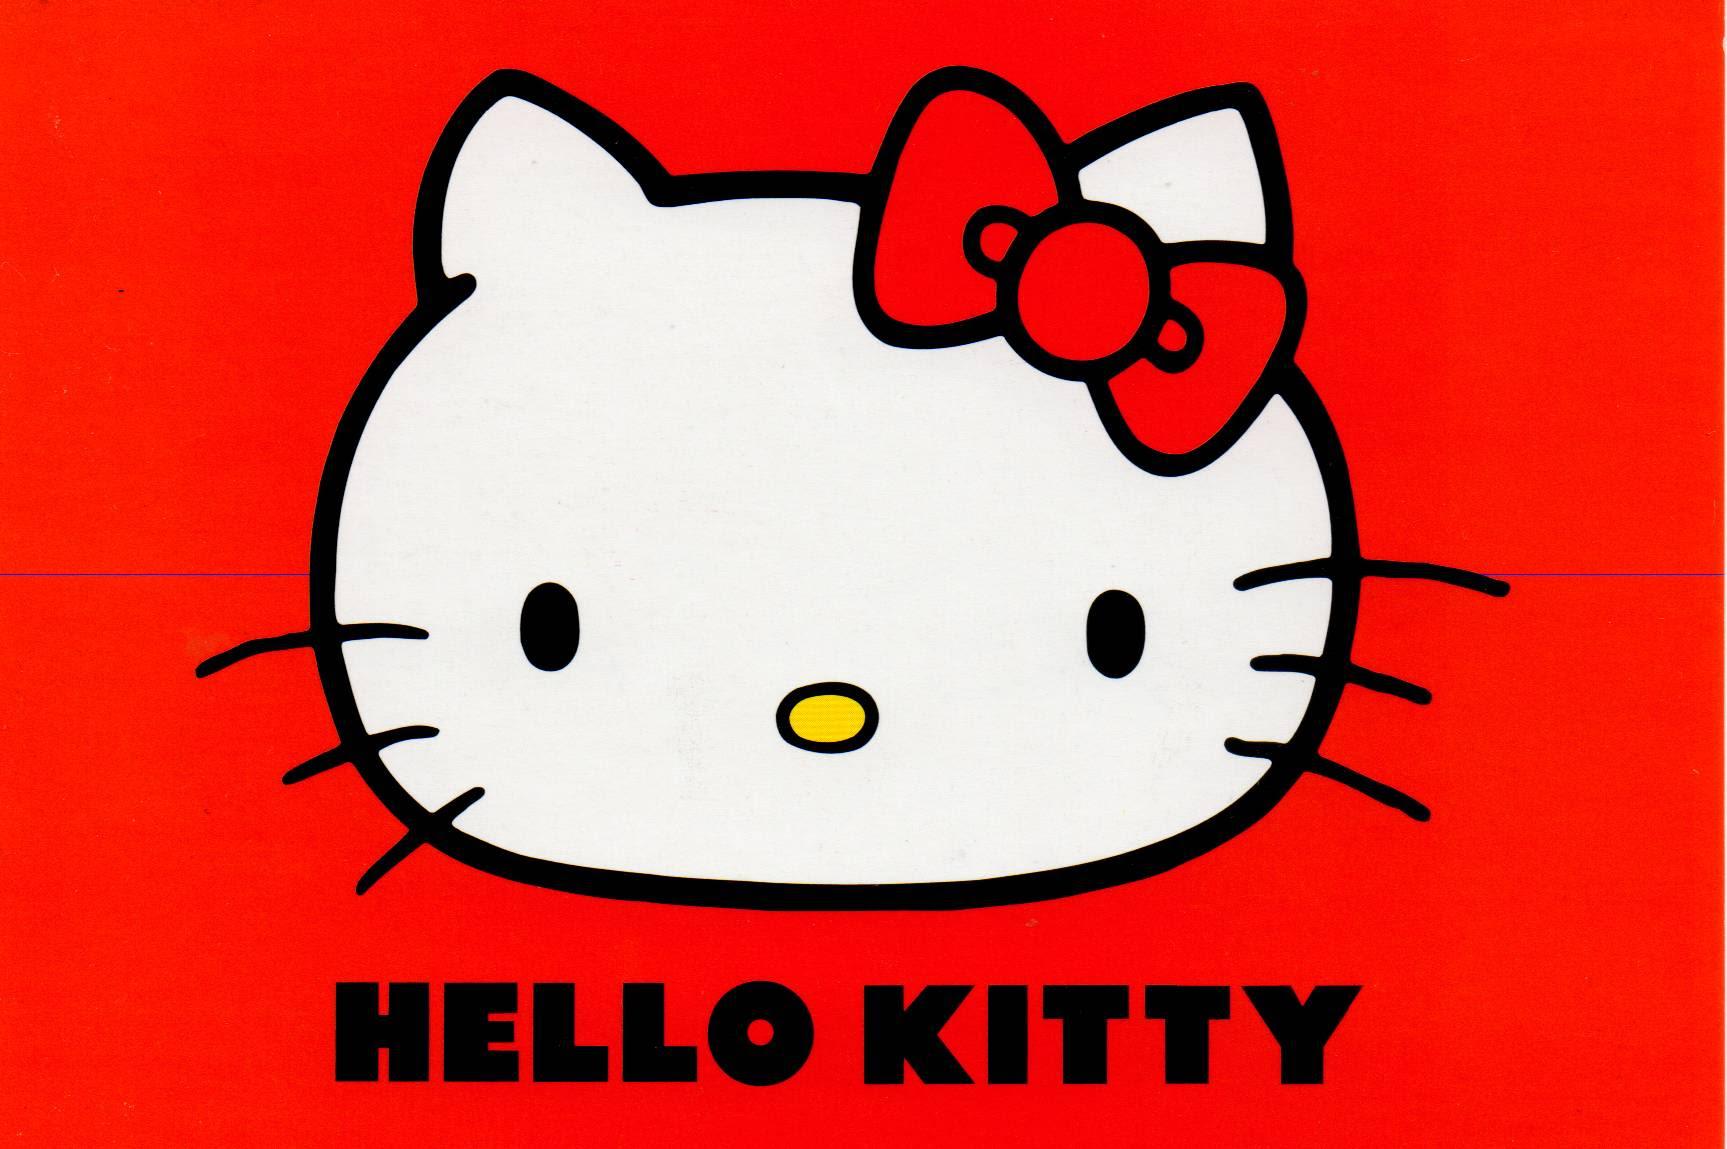 画像 サンリオ ハローキティ キティちゃん の画像まとめ